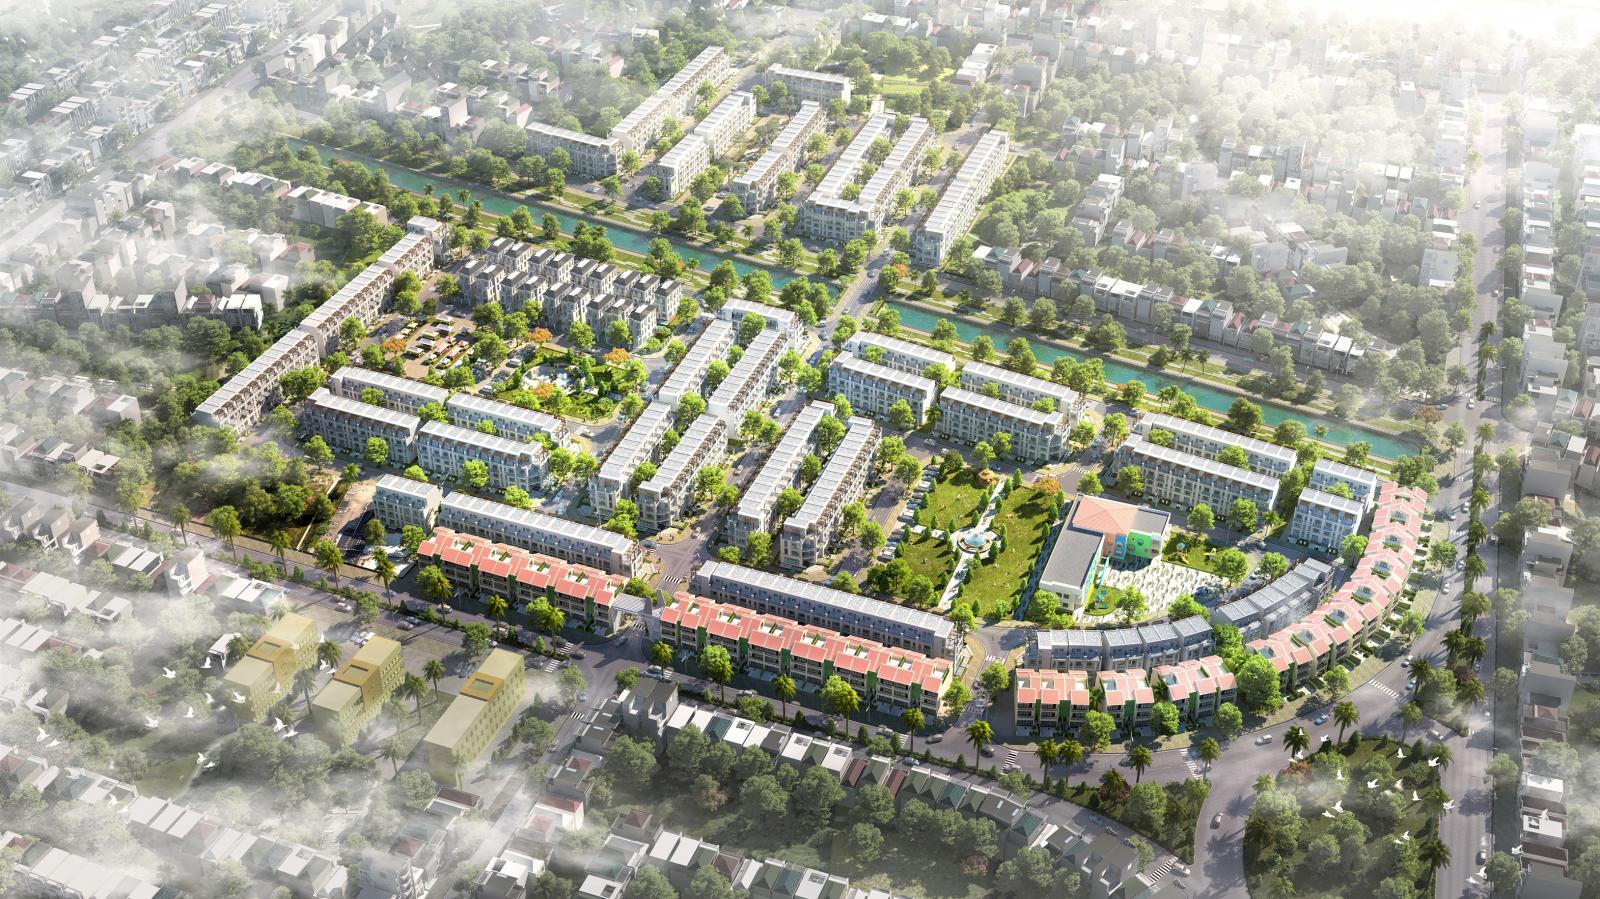 Dự án khu đô thị nhìn từ trên cao gồm nhiều dãy nhà cao tầng có nhiều cây xanh xen kẽ, cạnh đường